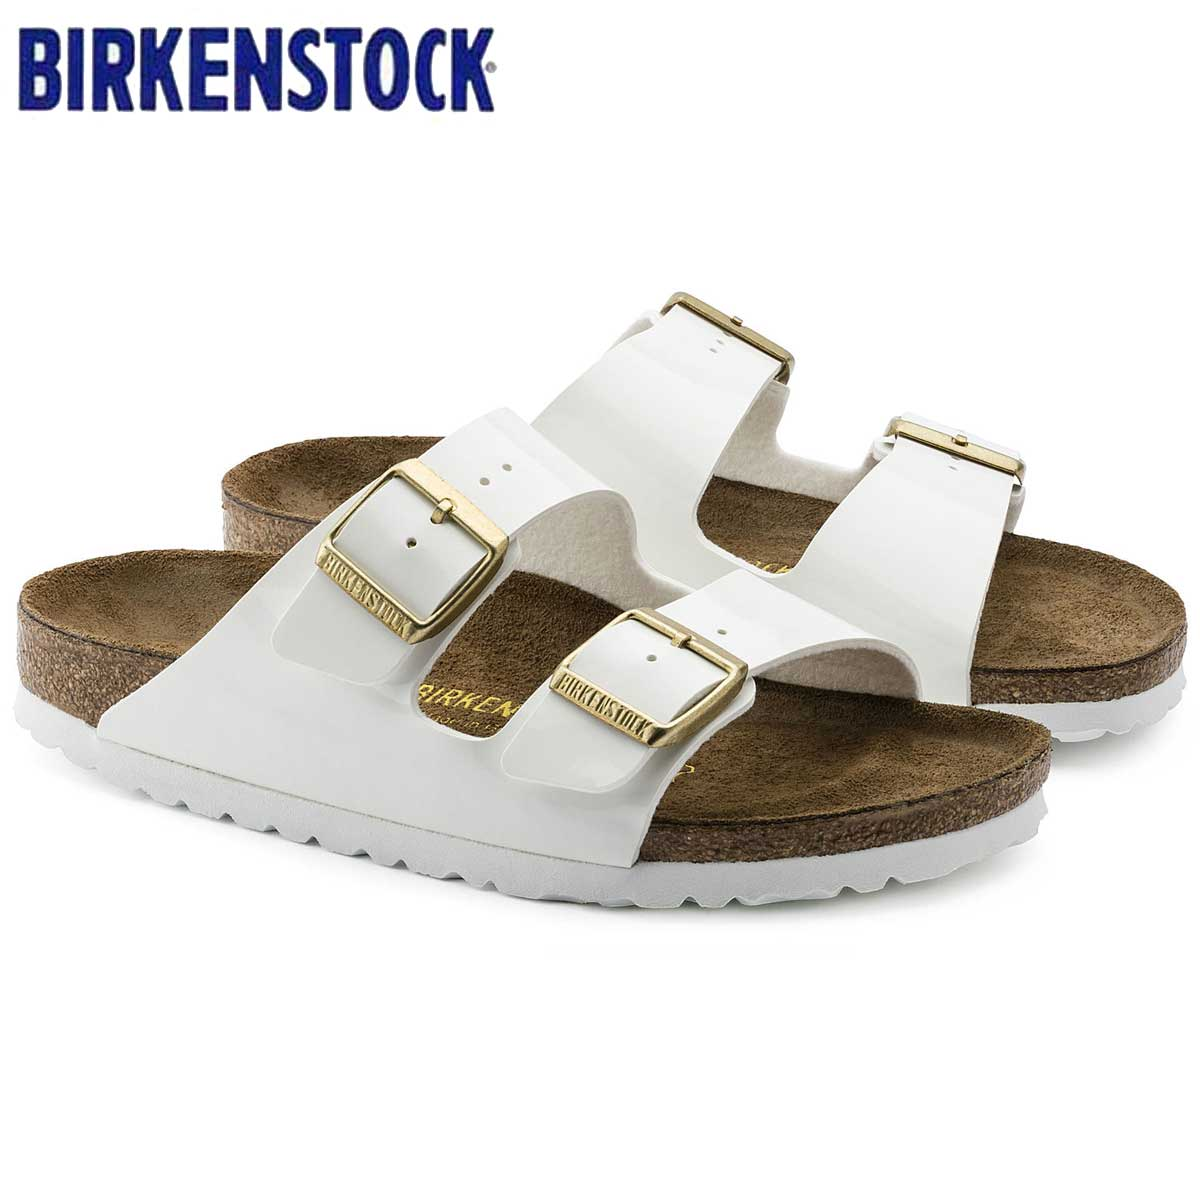 ビルケンシュトック BIRKENSTOCK ARIZONA(アリゾナ)GC 1005294 ホワイトパテント(ビルコフロー)(レディース サンダル)「正規輸入品」ドイツ生まれの快適サンダル「靴」